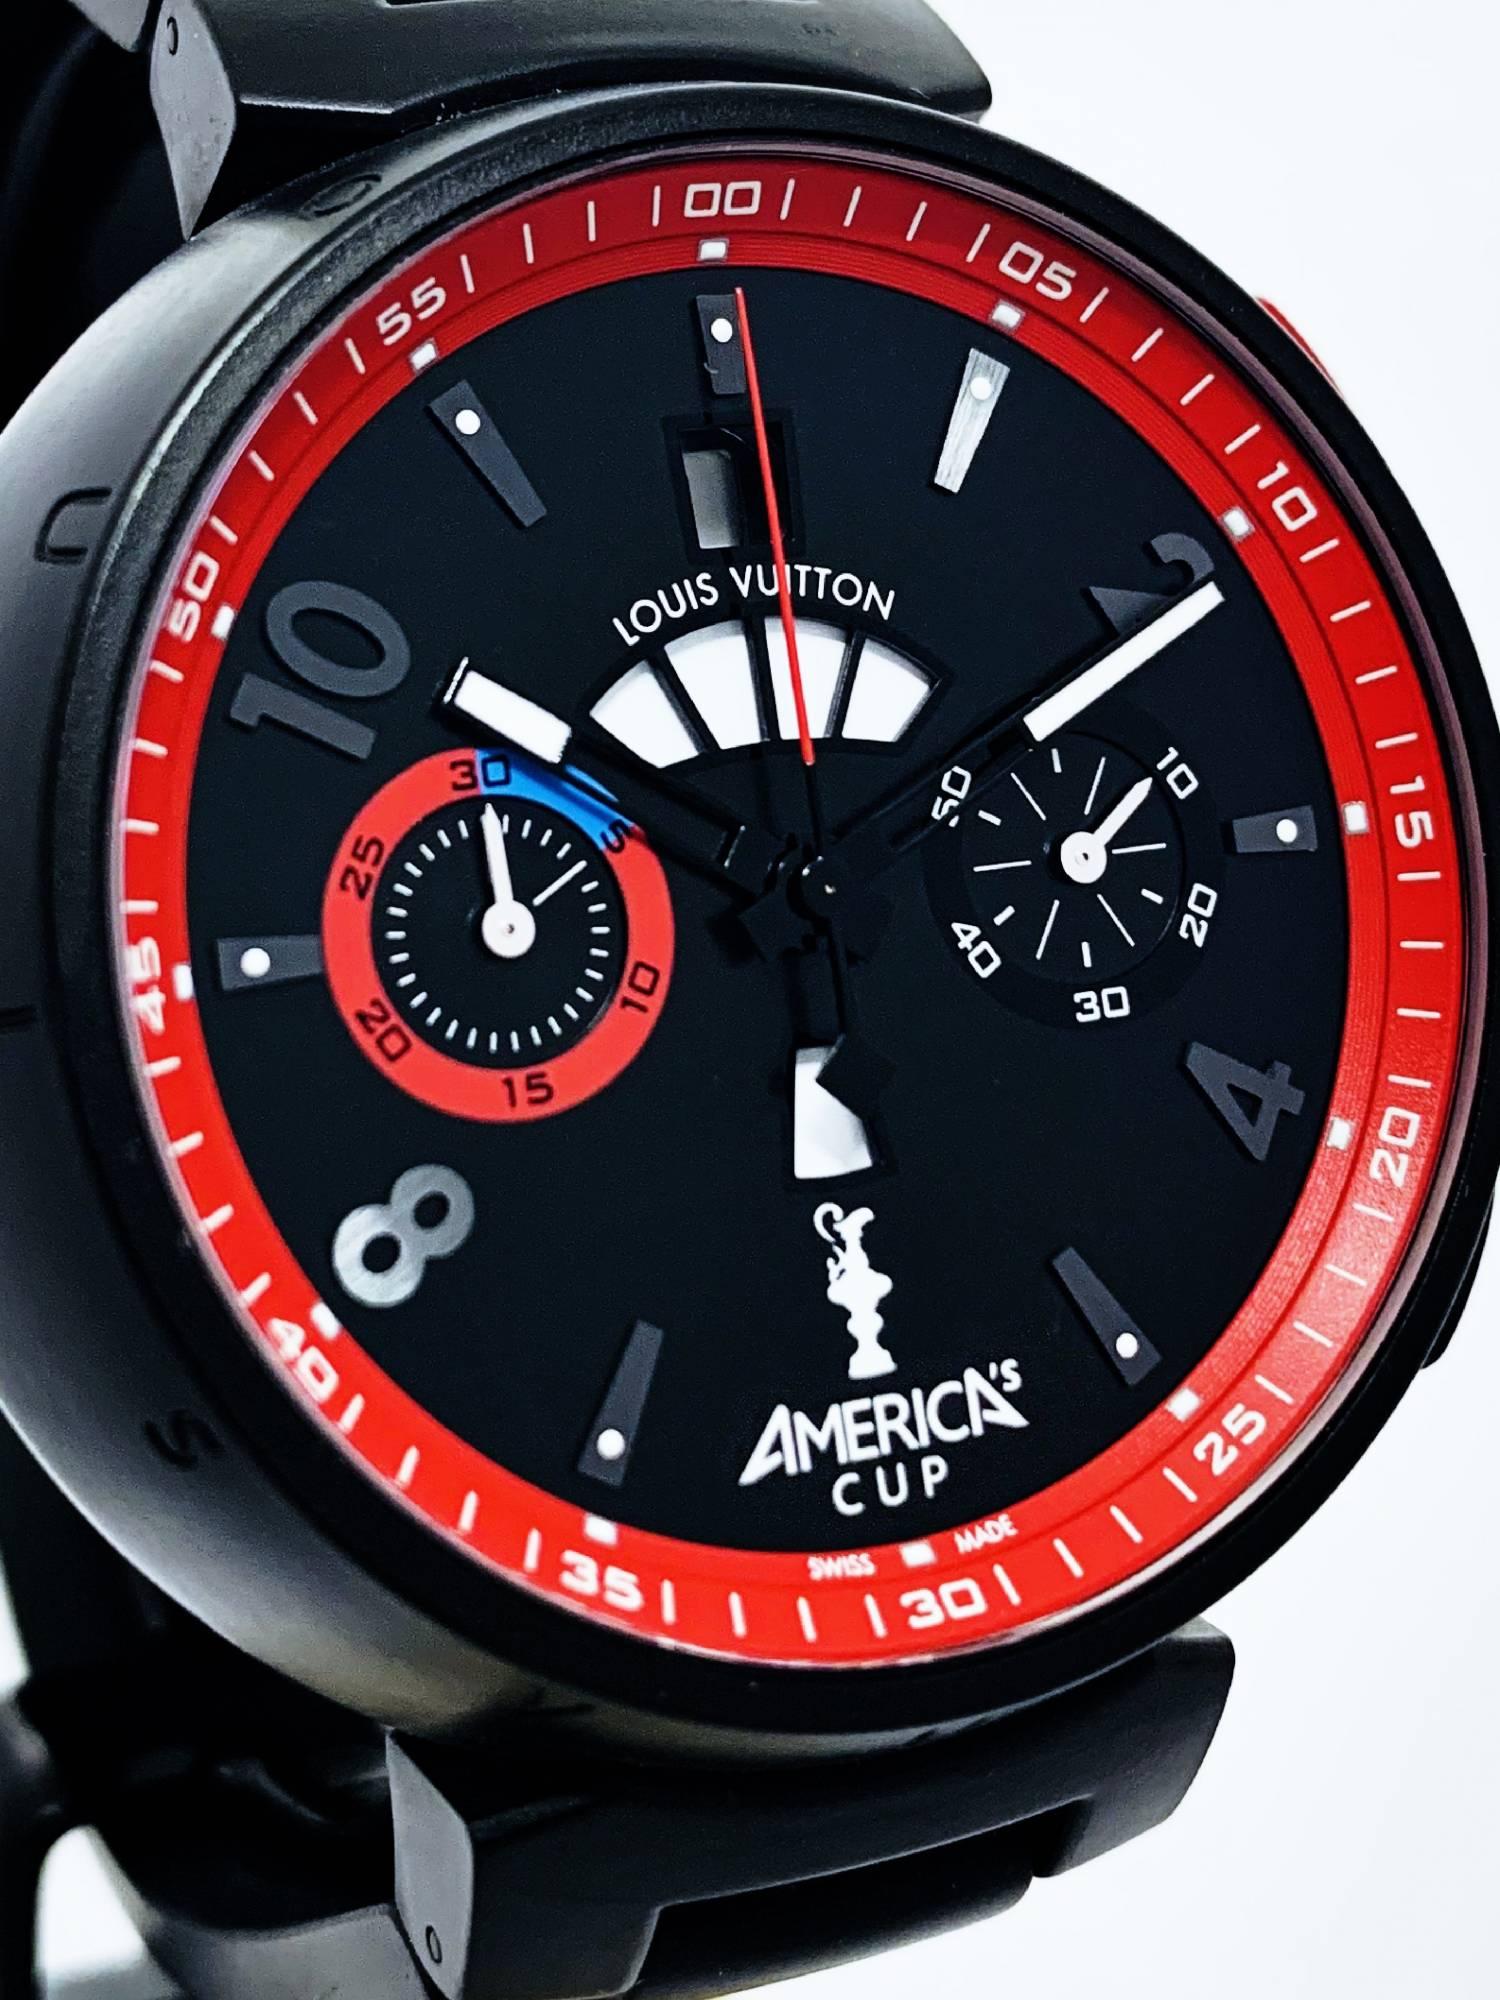 Montre occasion Lous Vuitton Tambour Chronographe América ...